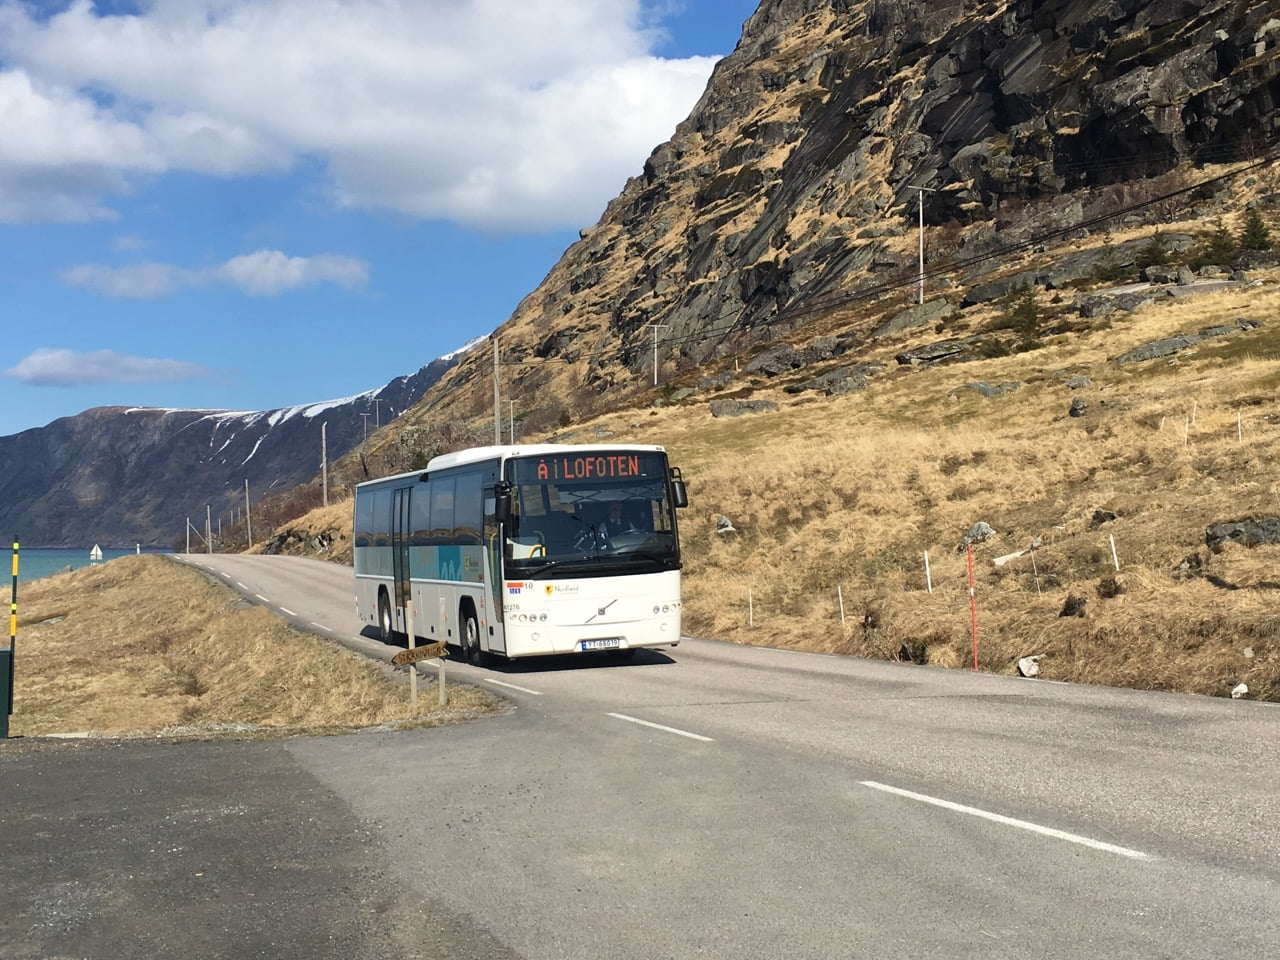 Explore Lofoten by bus